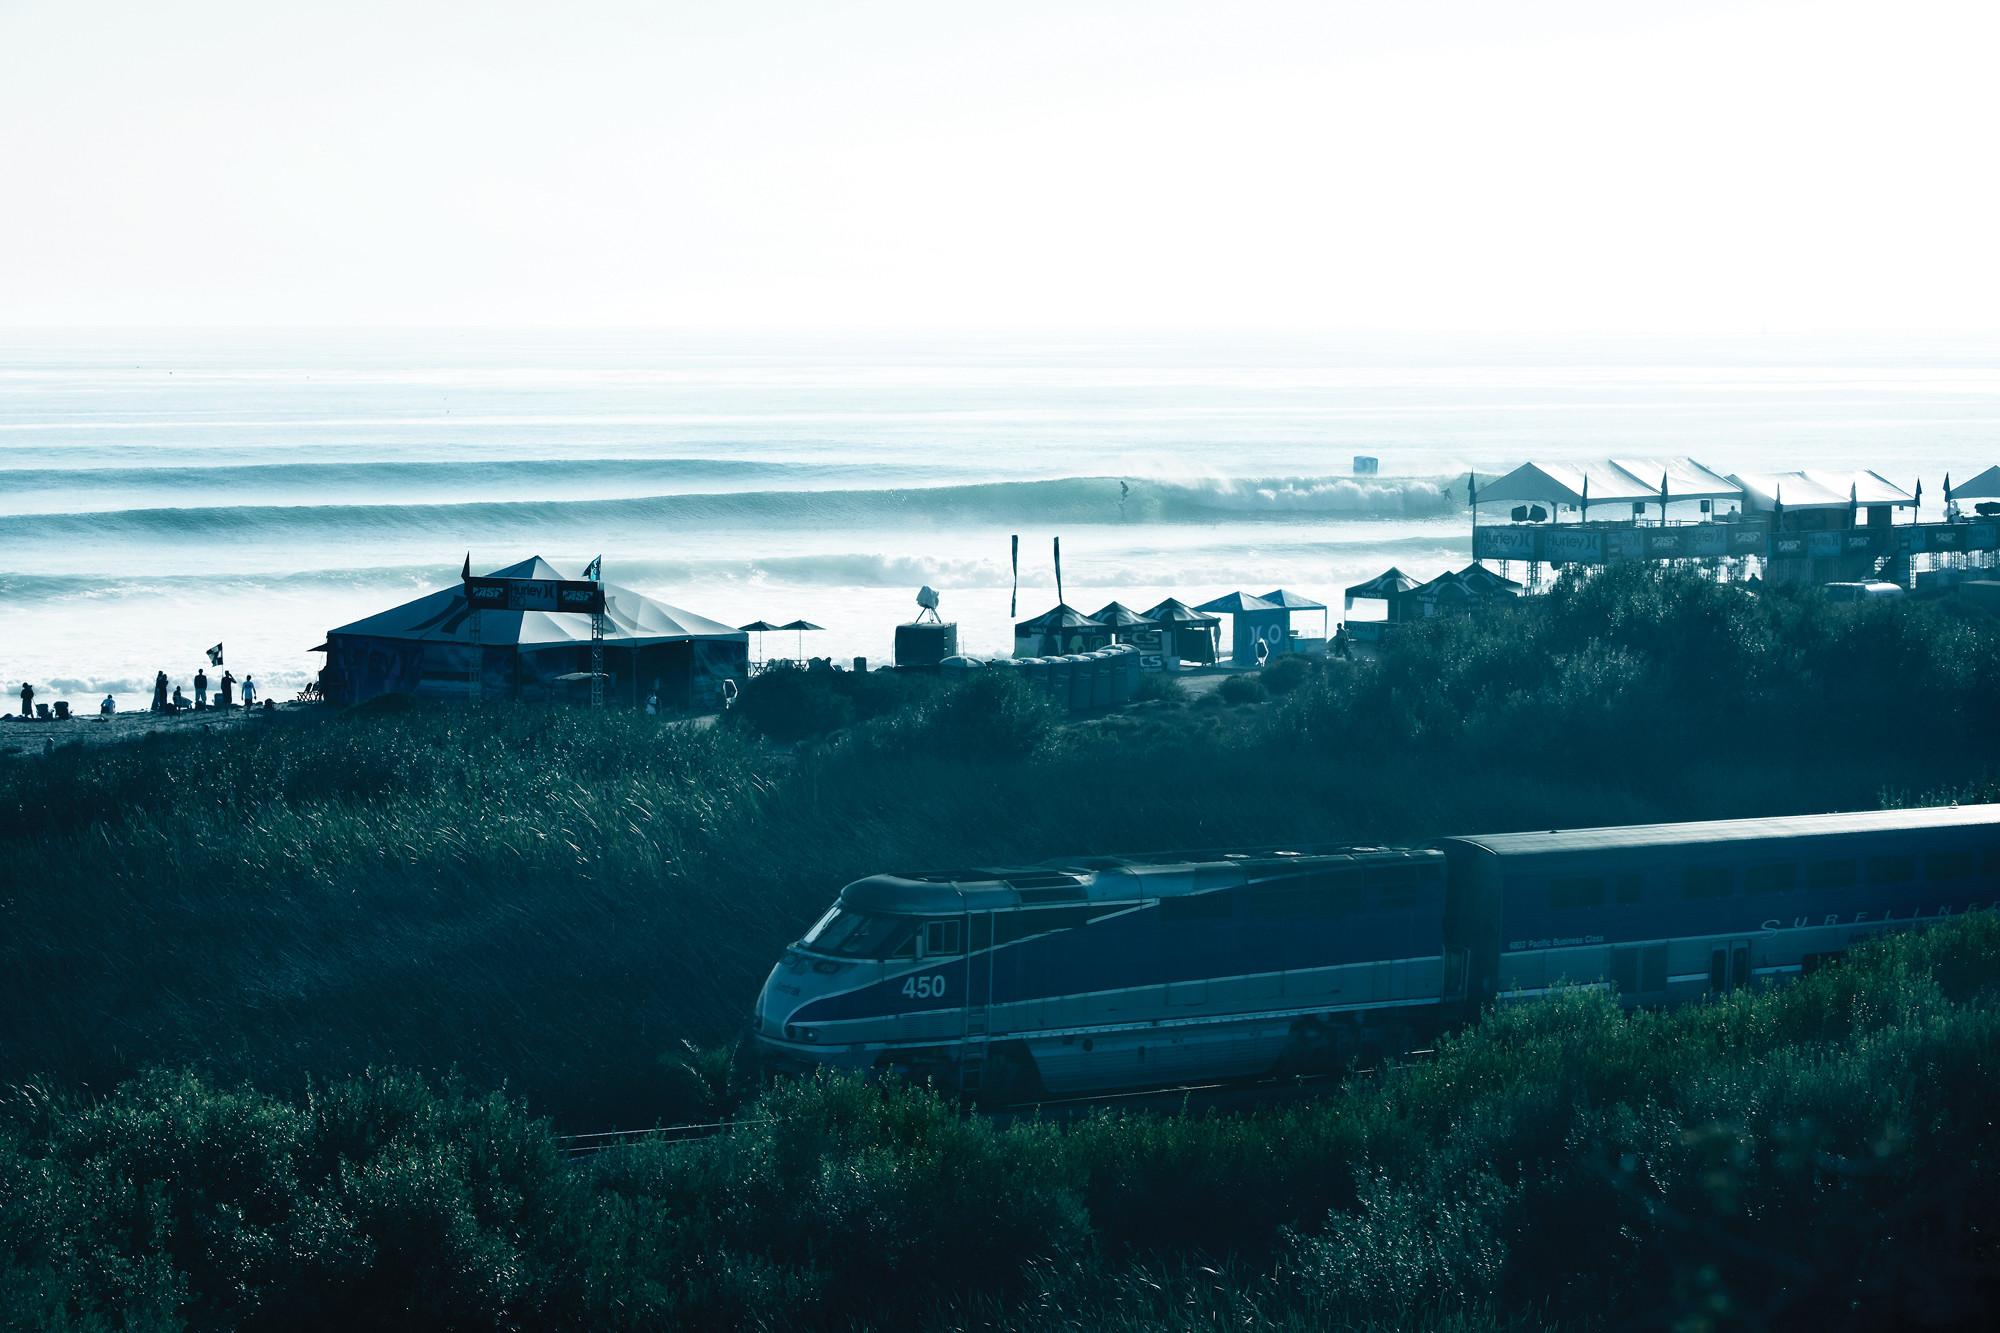 surf wallpaper hurley pro trestles 610×406 Hurley Surf Wallpaper